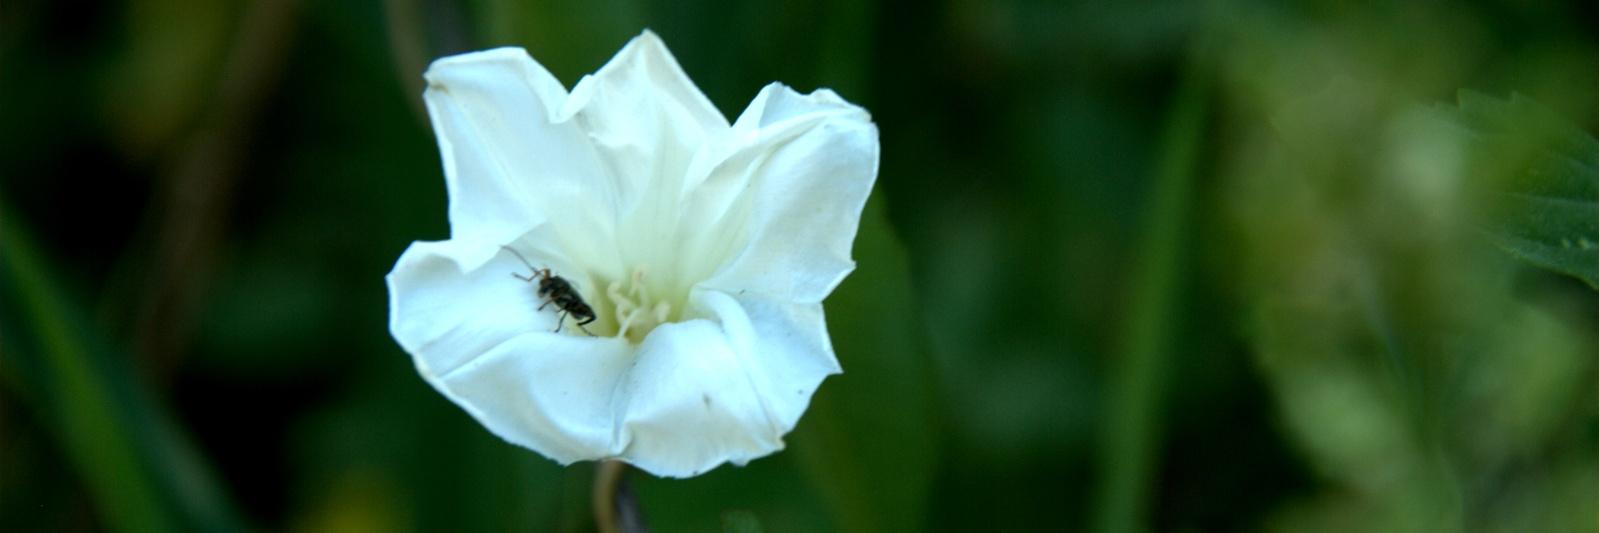 fiore dis-immacolato